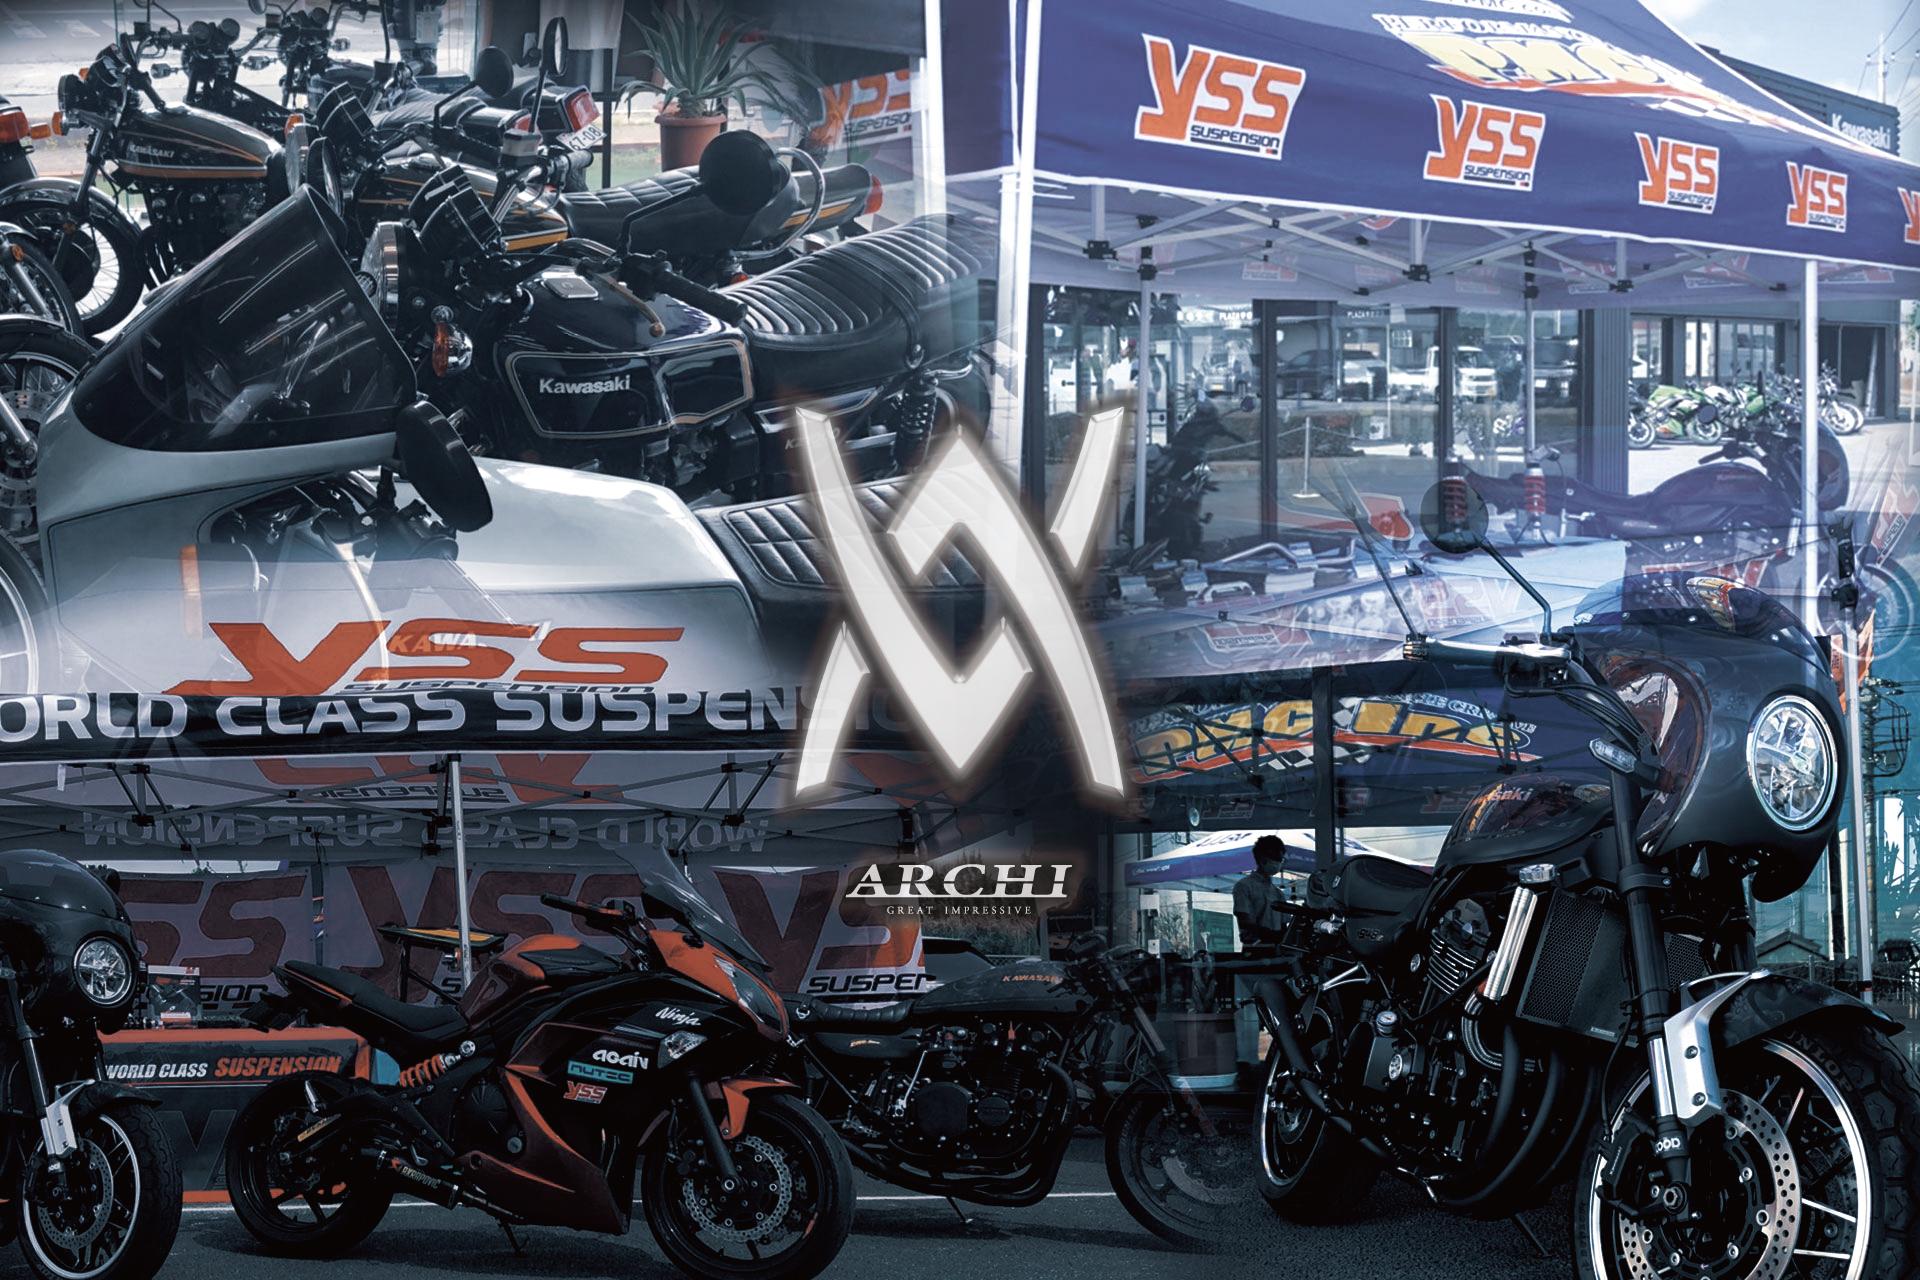 記事 2021年4月11日(日)ARCHIxYSS 店頭イベント in ライコランド水戸のアイキャッチ画像